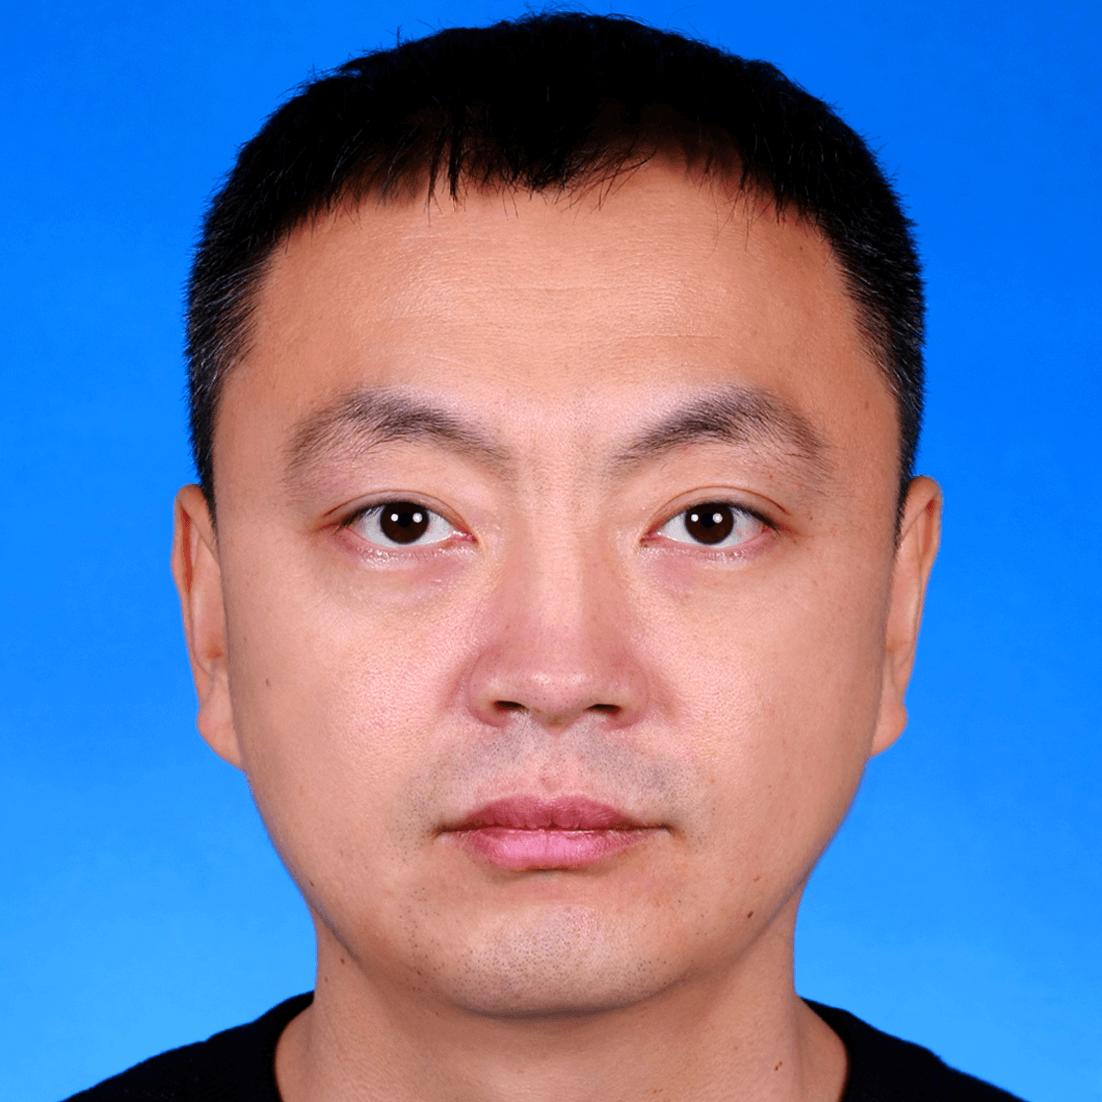 Dr. Zhe Yuan